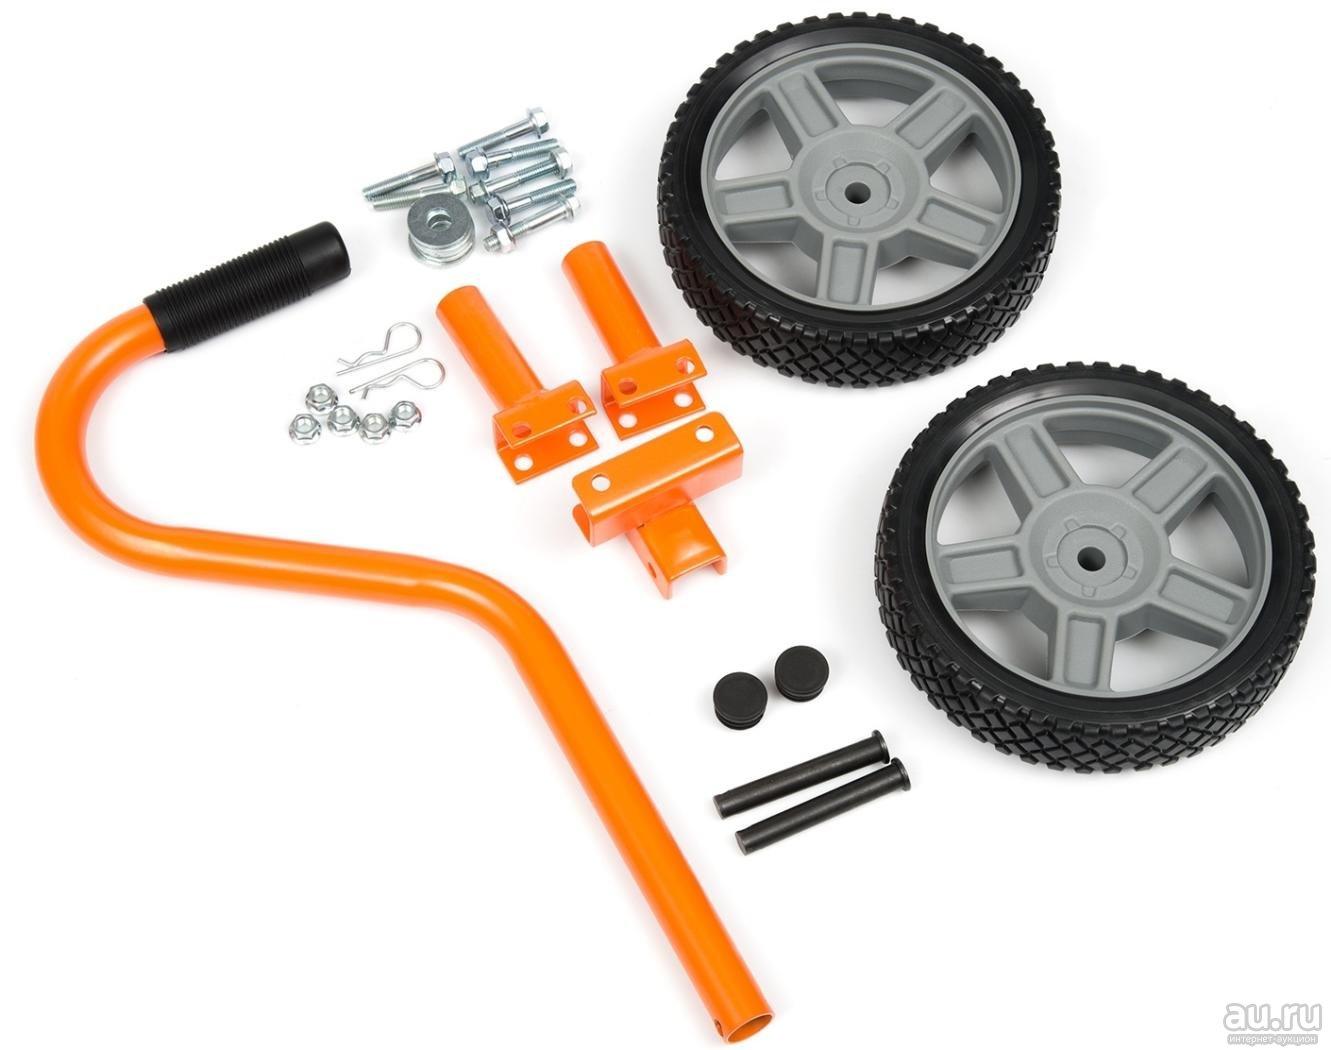 Комплект колес для генераторов ECT 7000 в Благовещенске